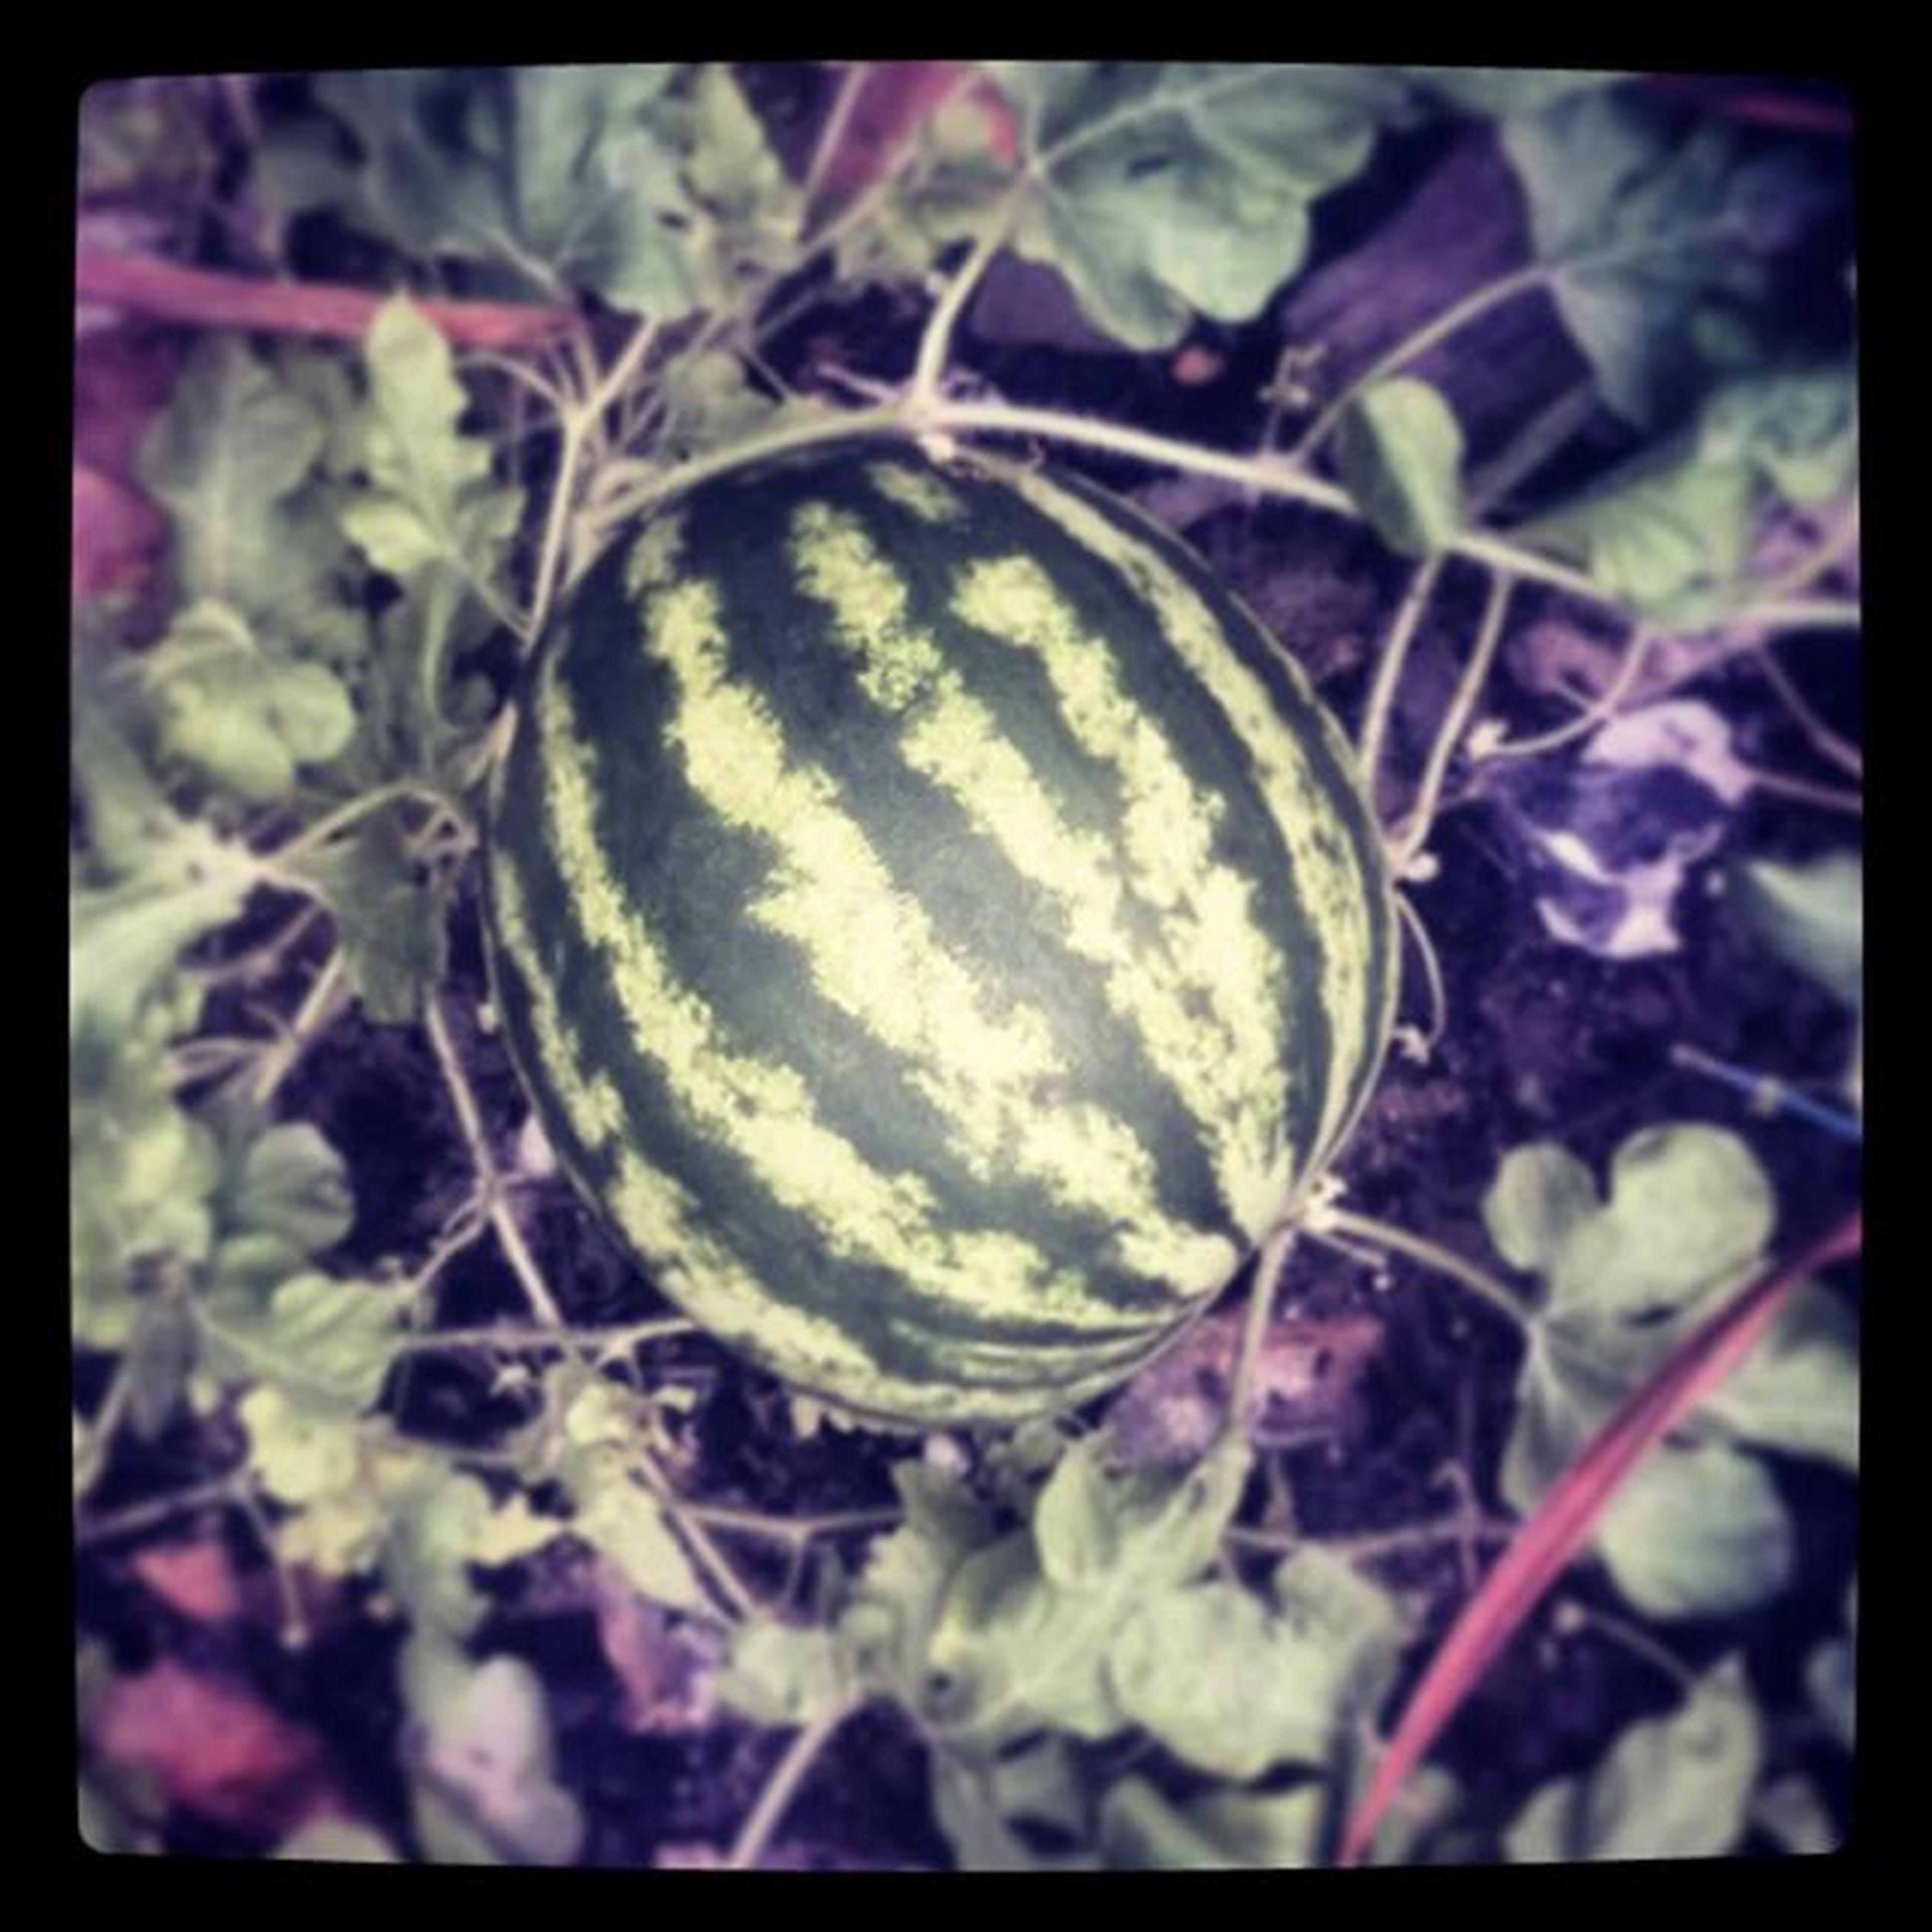 Orgulho :3 Vovó e eu conseguimos fazer essa melancia crescer,nada facil QueroComerLogo